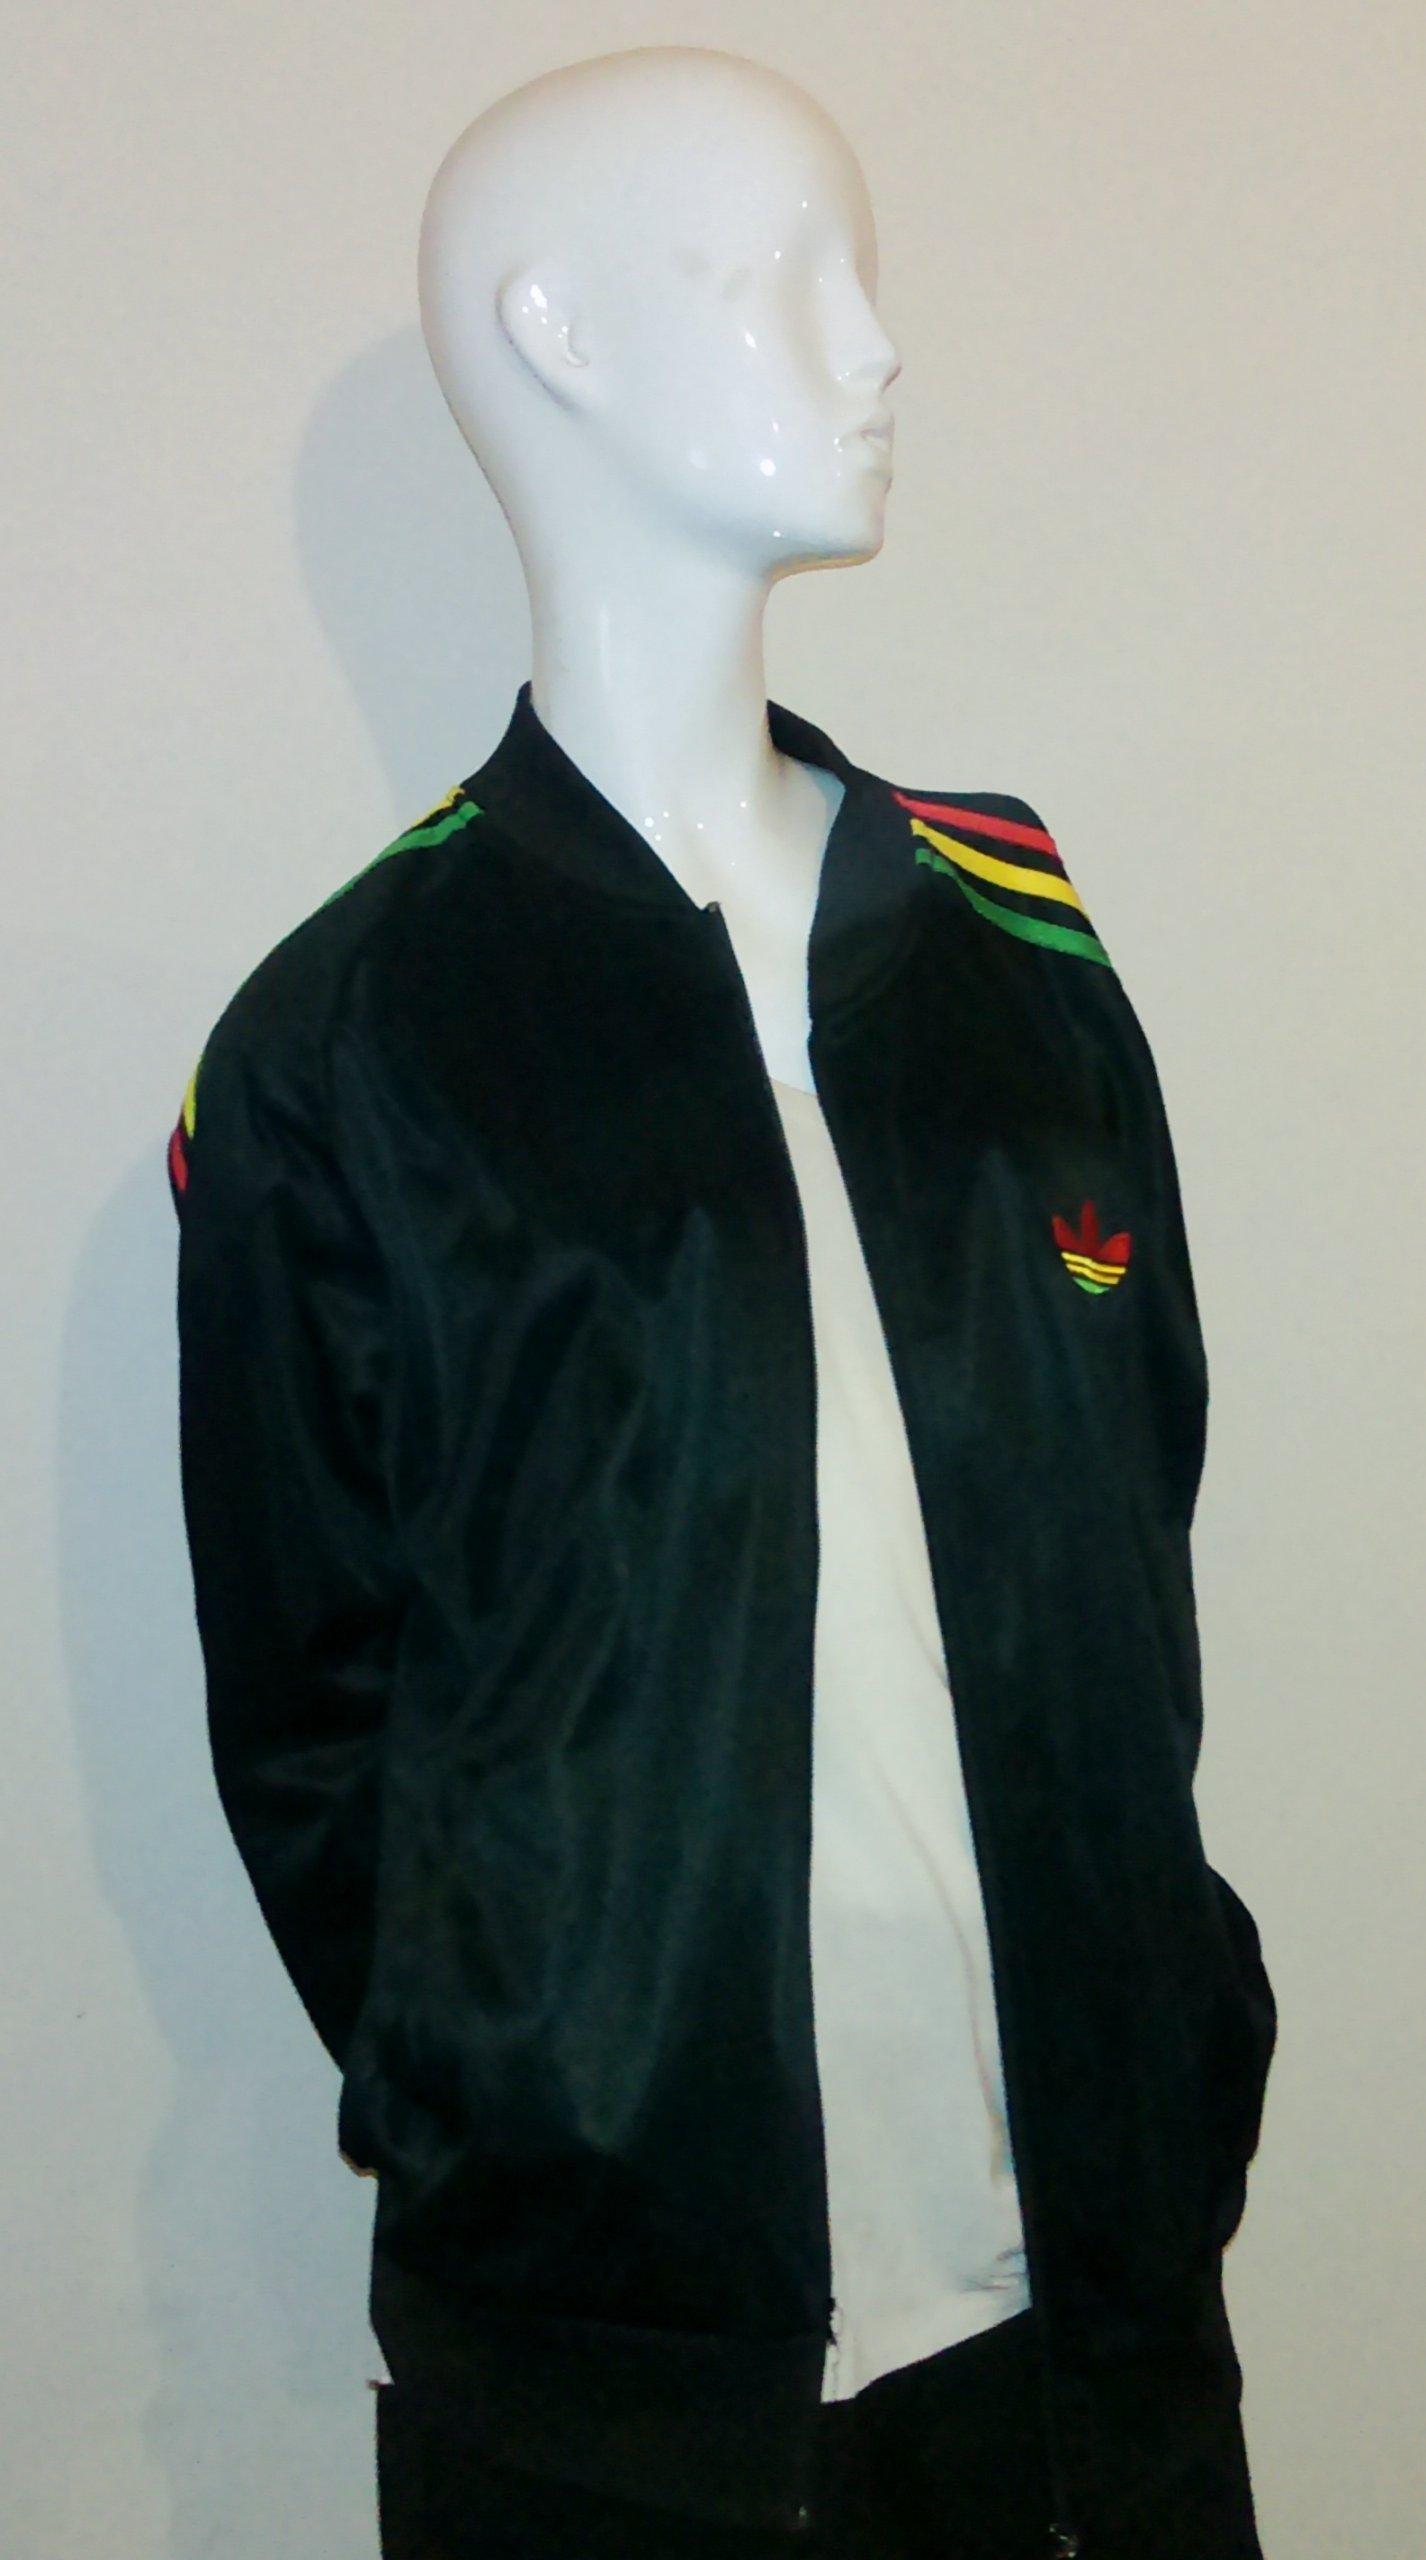 Kup online wyprzedaż hurtowa oferować rabaty bluza ADIDAS rozmiar M logo z tyłu RASTA - 7094498887 ...